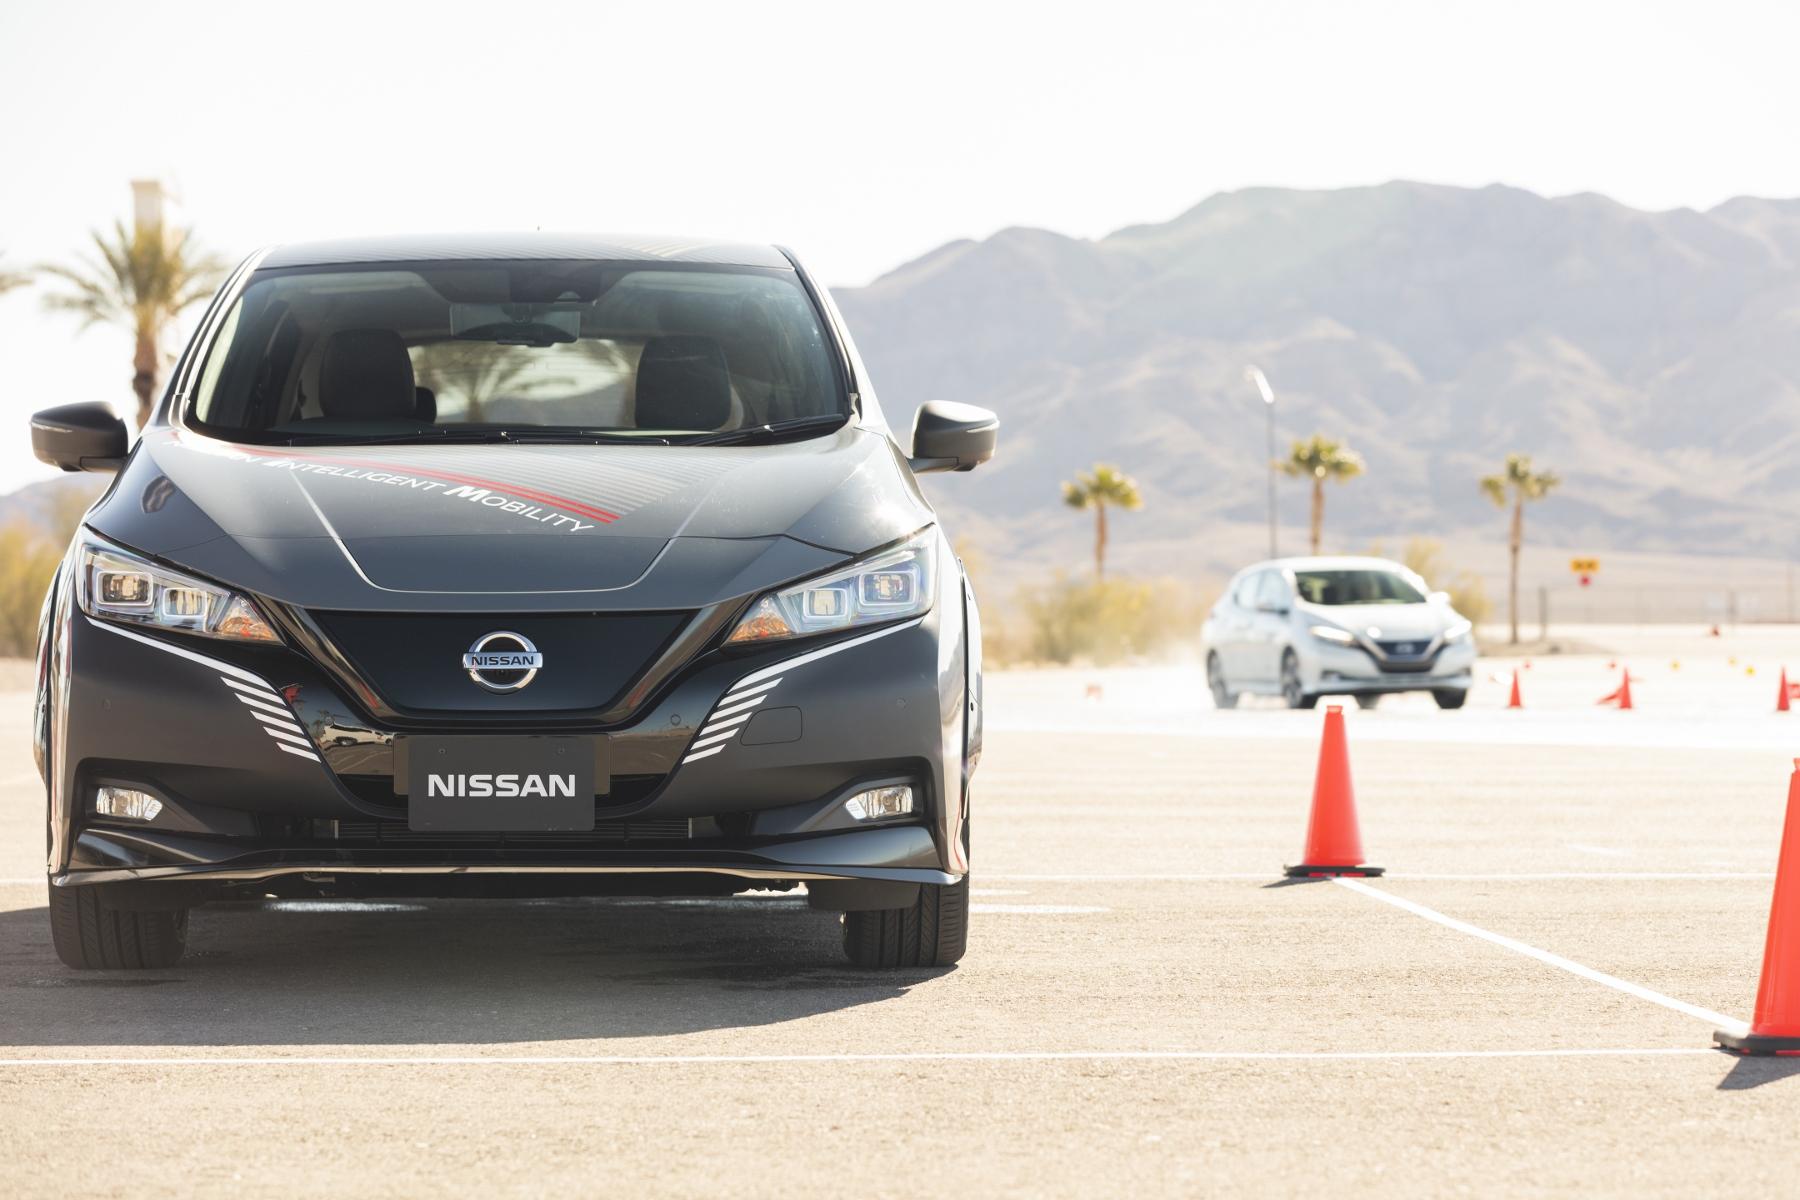 Nissan prichádza s revolučným elektrickým pohonom všetkých kolies 9jOVGVx5Oh nissan-leaf-prototyp-6